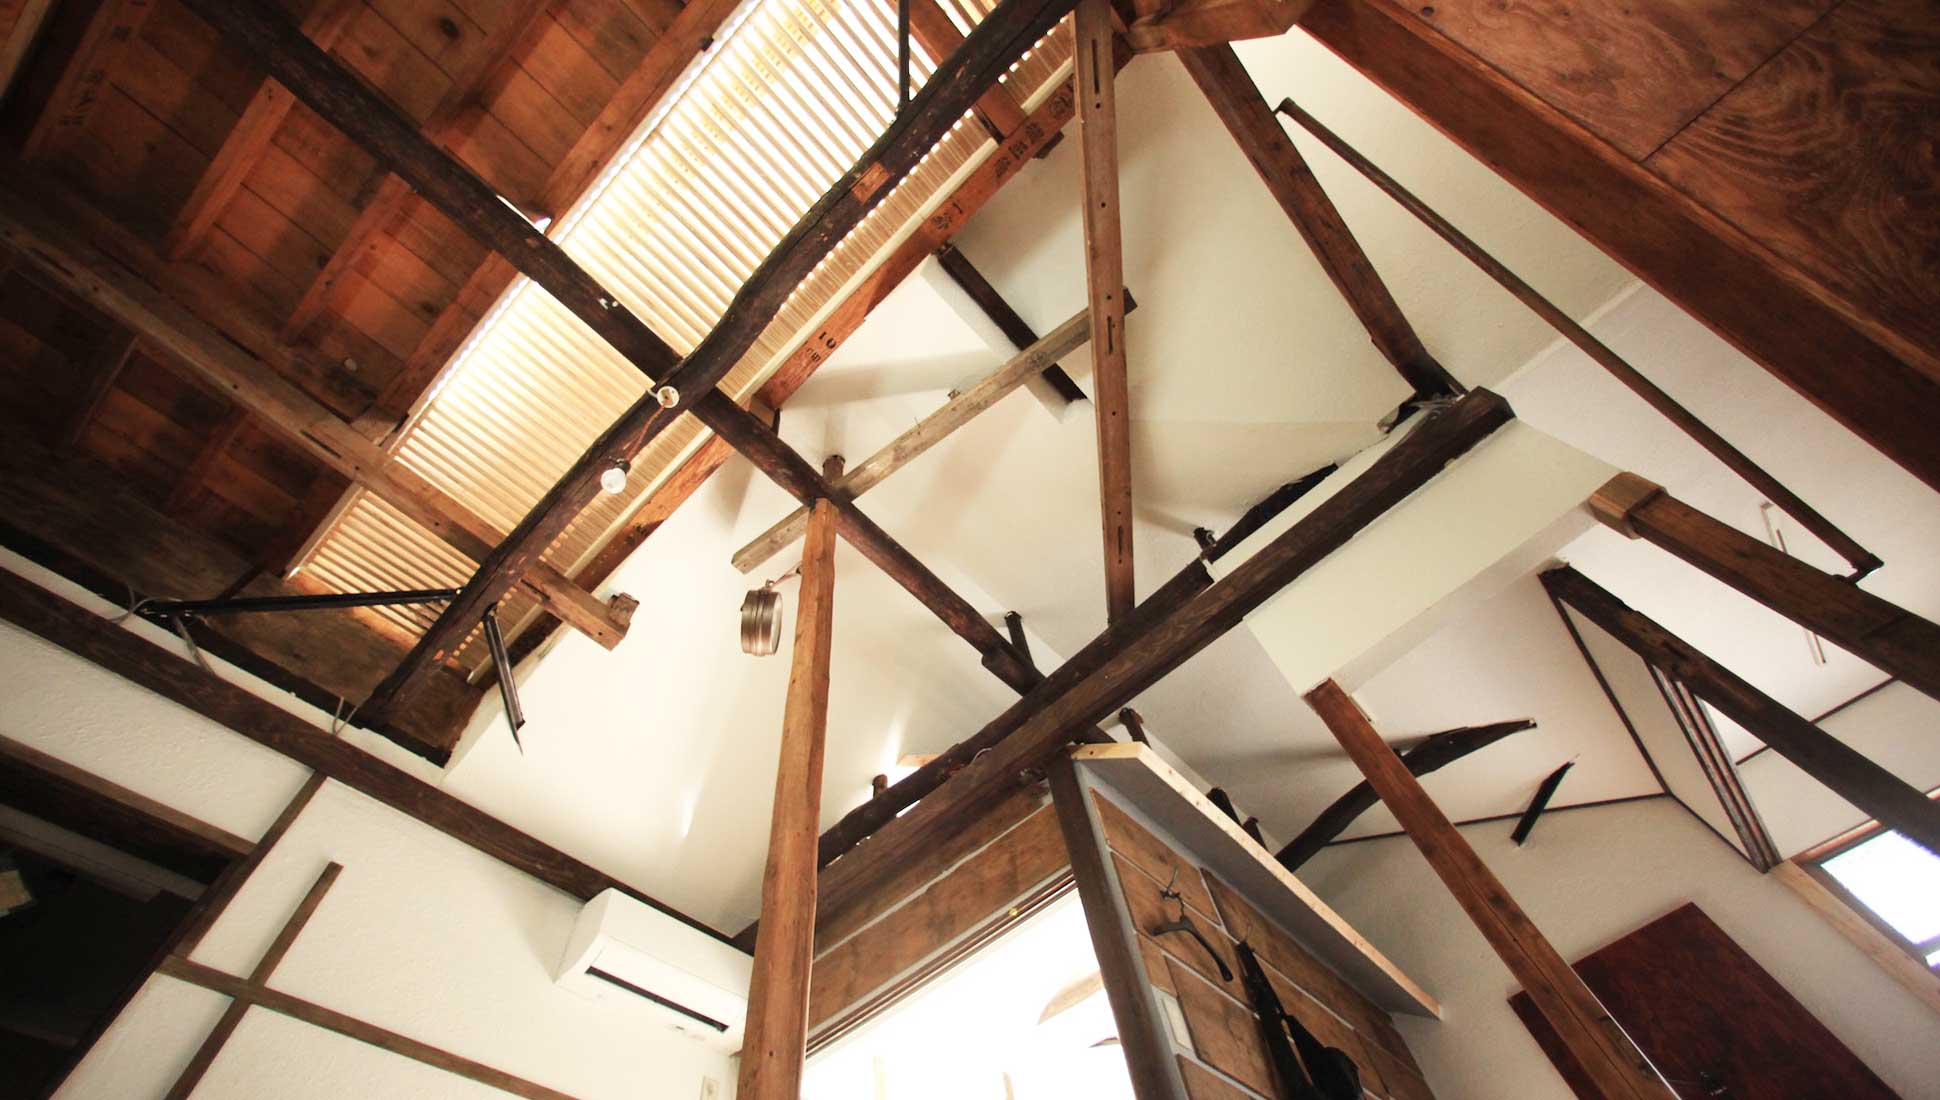 天井を生かしたリノベーション:一軒家のリノベーション